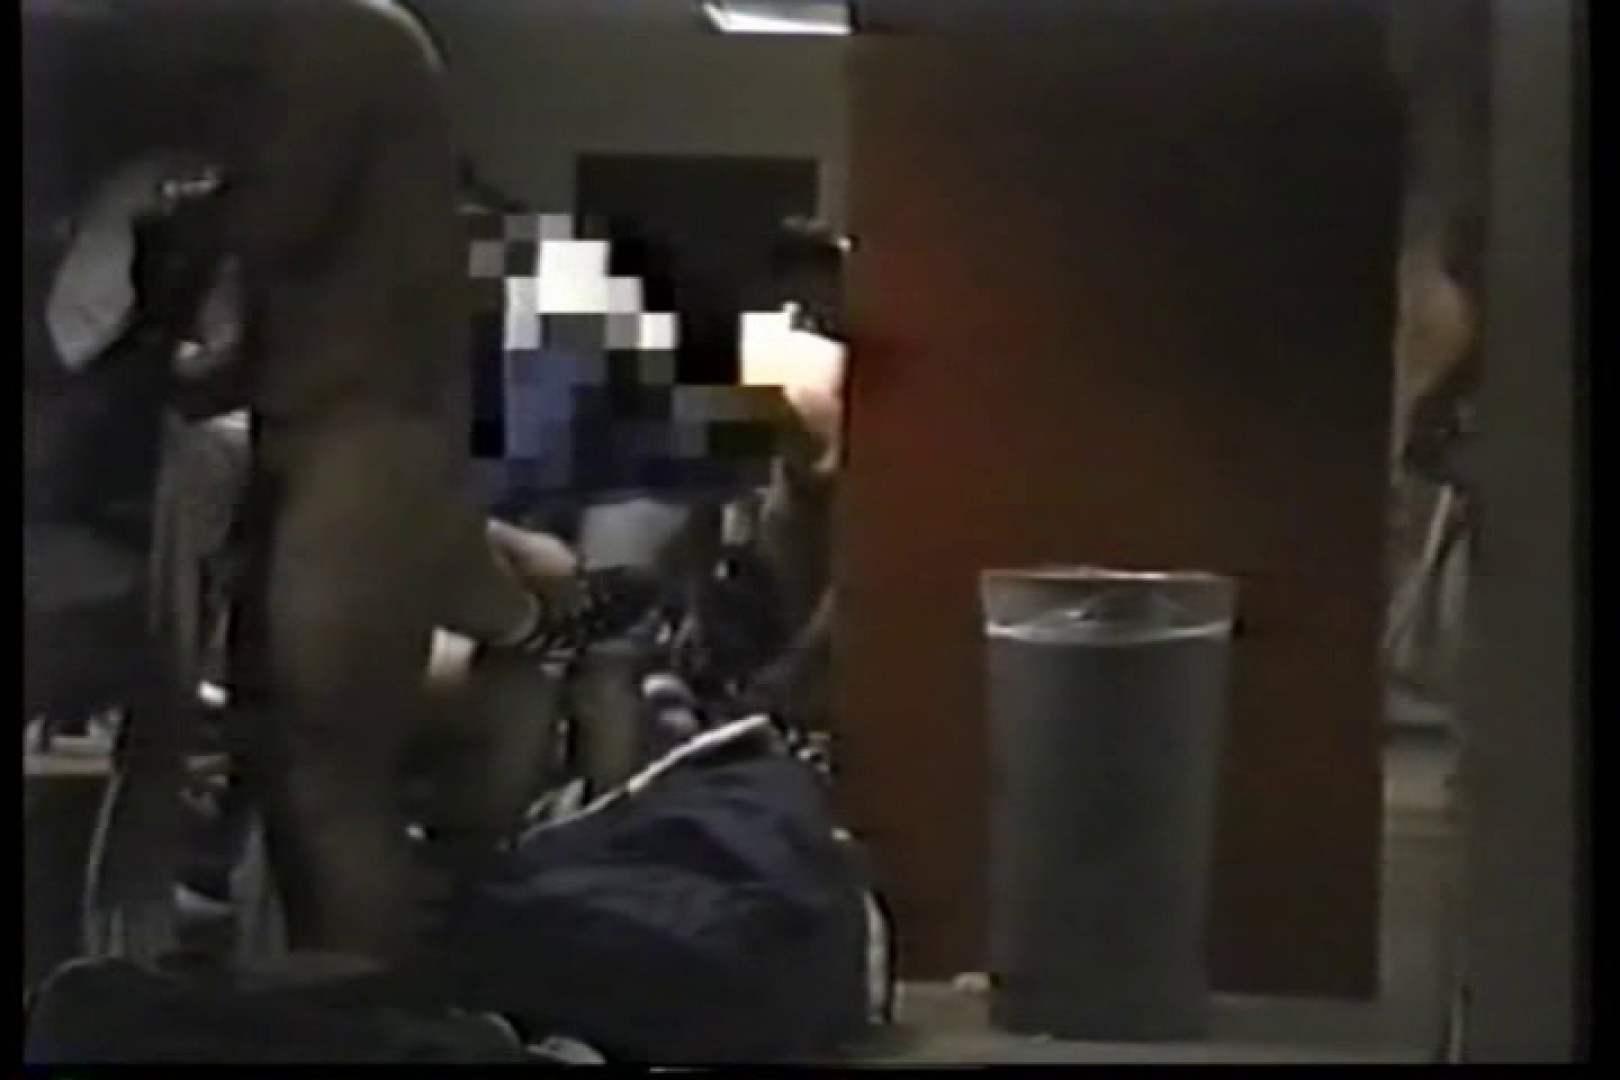 洋人さんの脱衣所を覗いてみました。VOL.3 覗きシーン ペニス画像 92枚 22